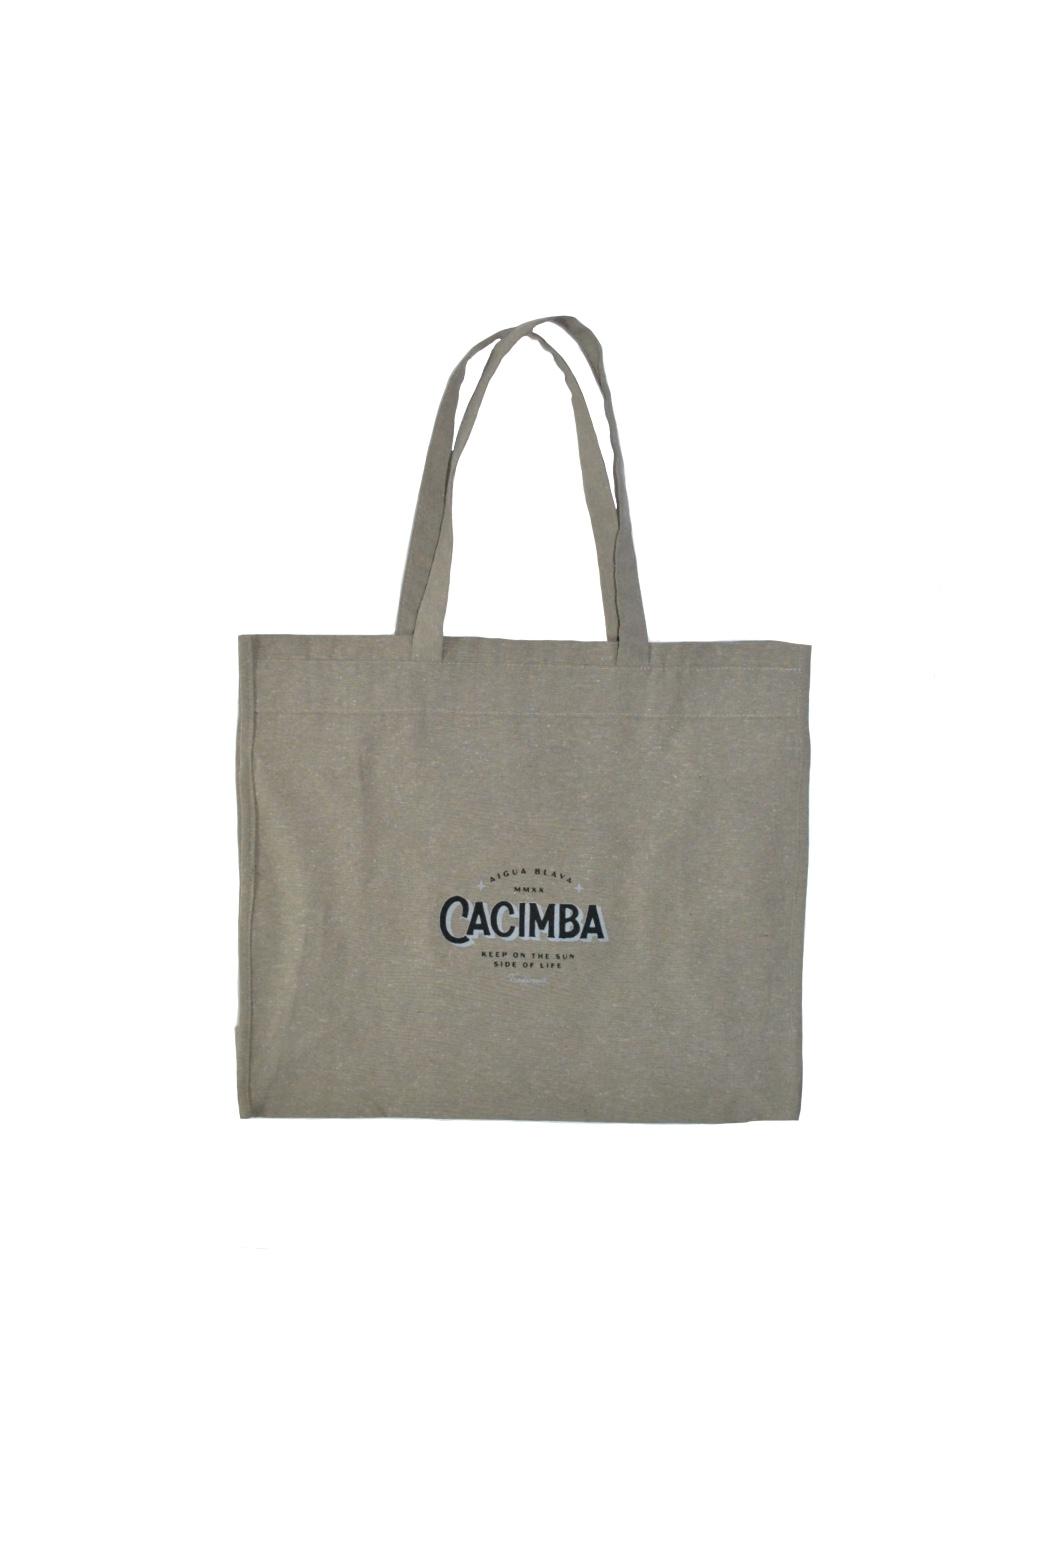 Ecobag Cacimba - Algodão Orgânico